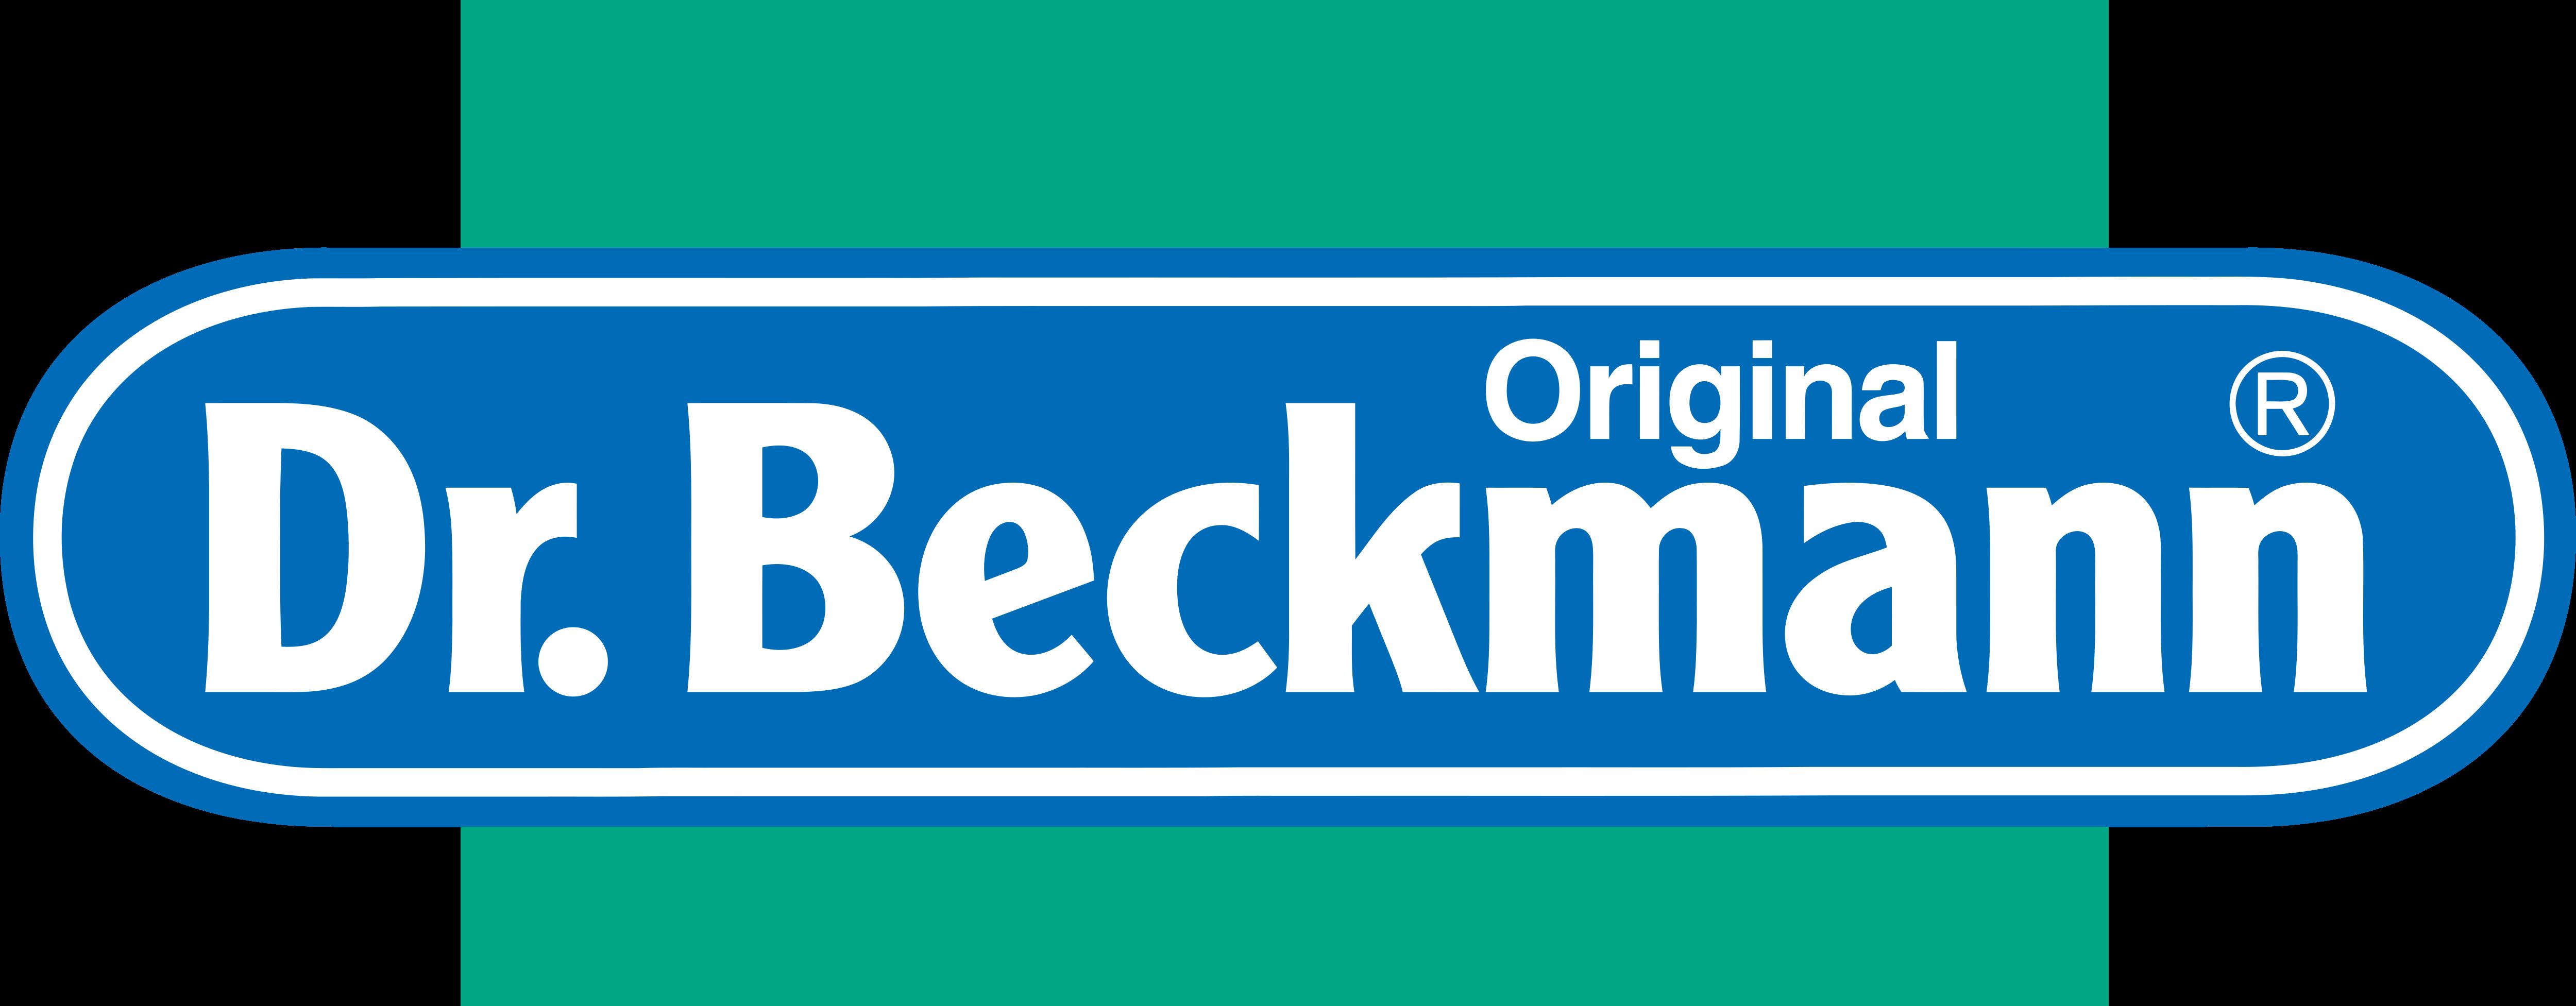 دكتور بيكمان - Dr.Beckmann